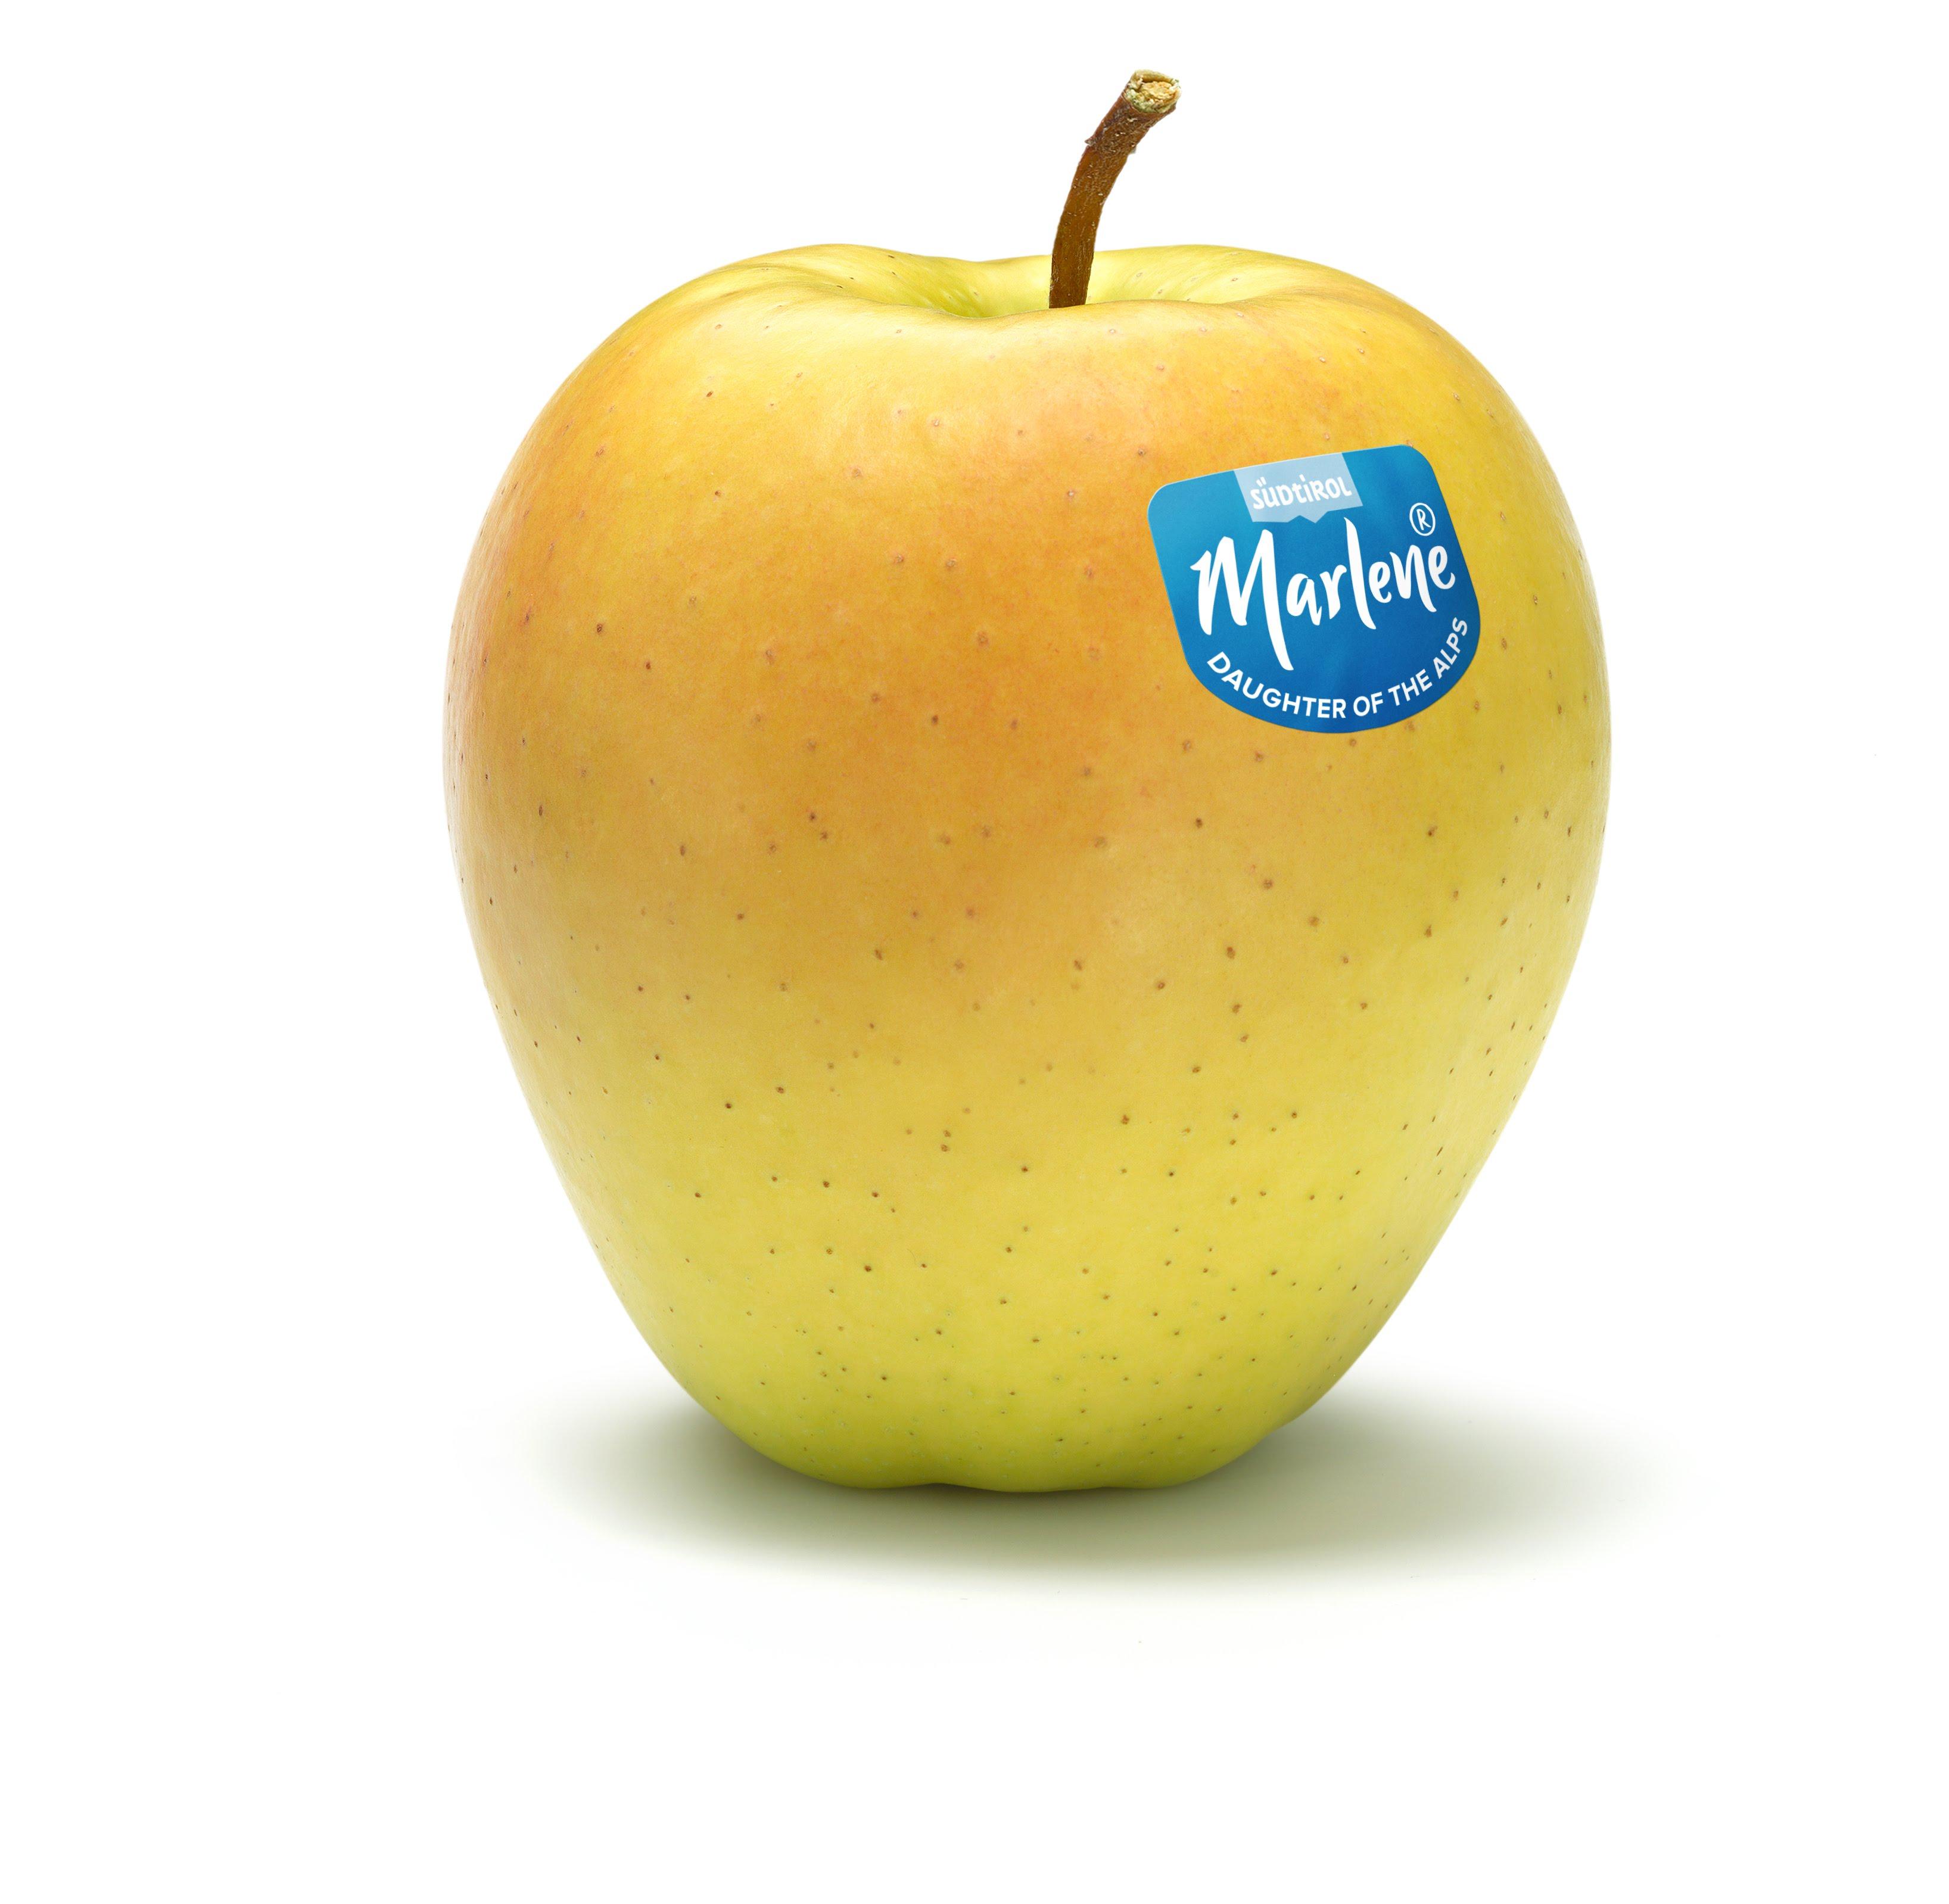 recept, vaderdag, marlene, franse appeltaart, appels, appeltaart, taart, tuinen.nl